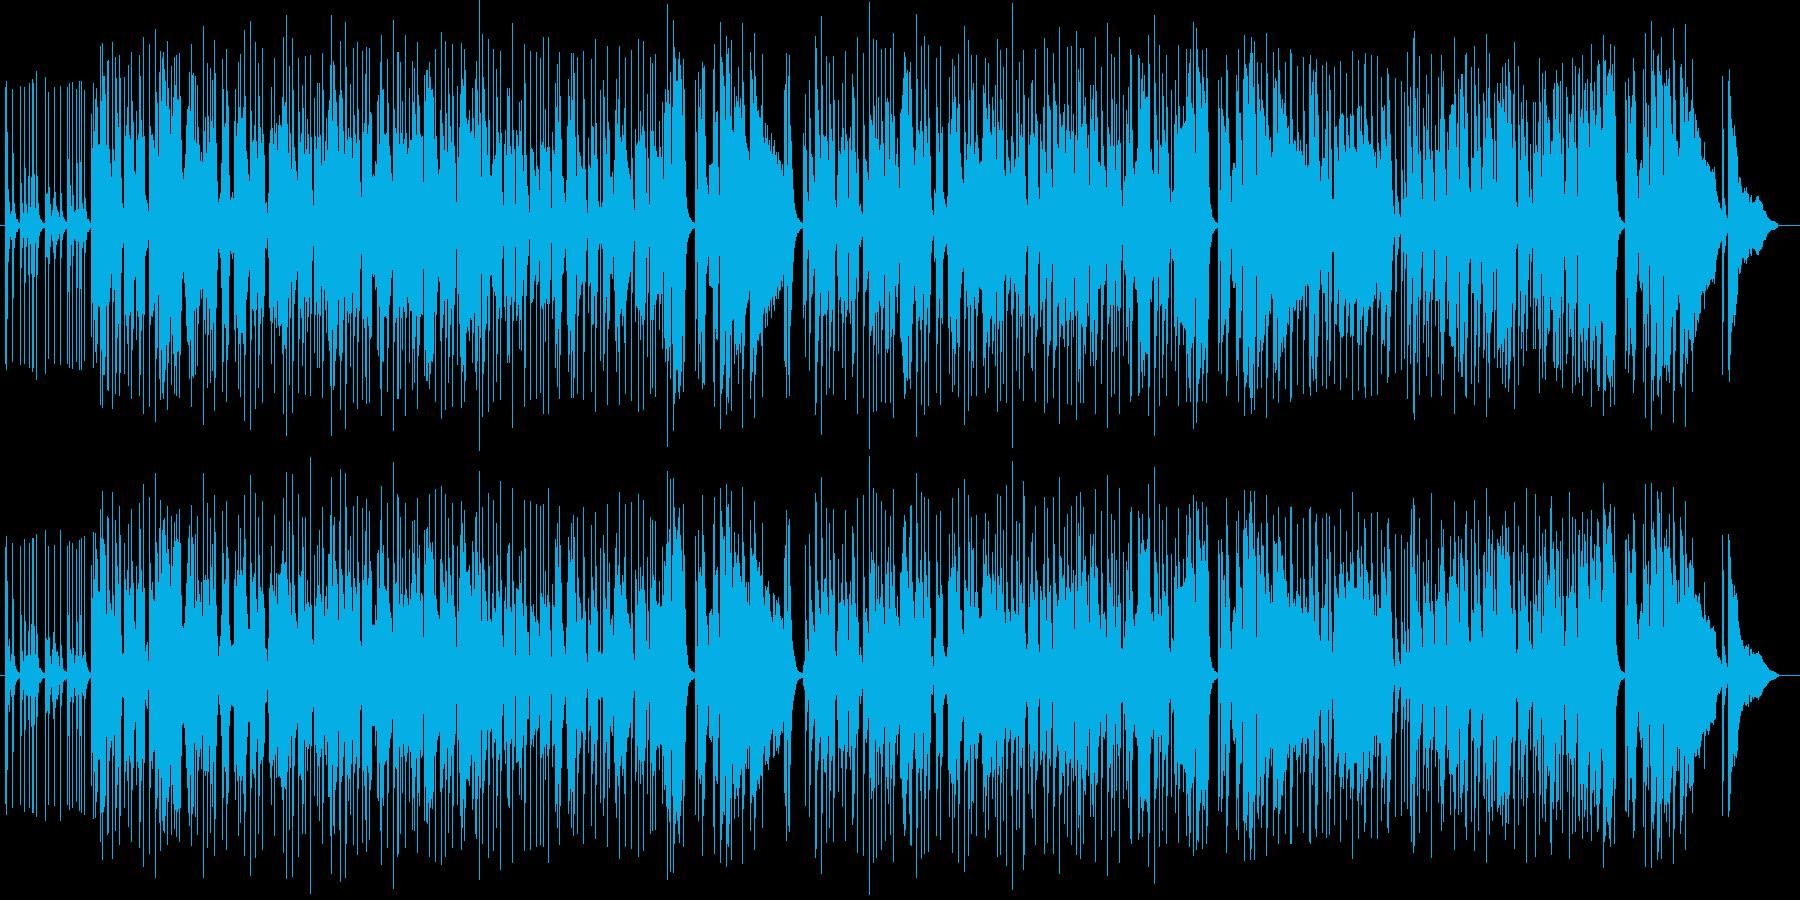 爽やかで楽しげなシンセ管楽器サウンドの再生済みの波形